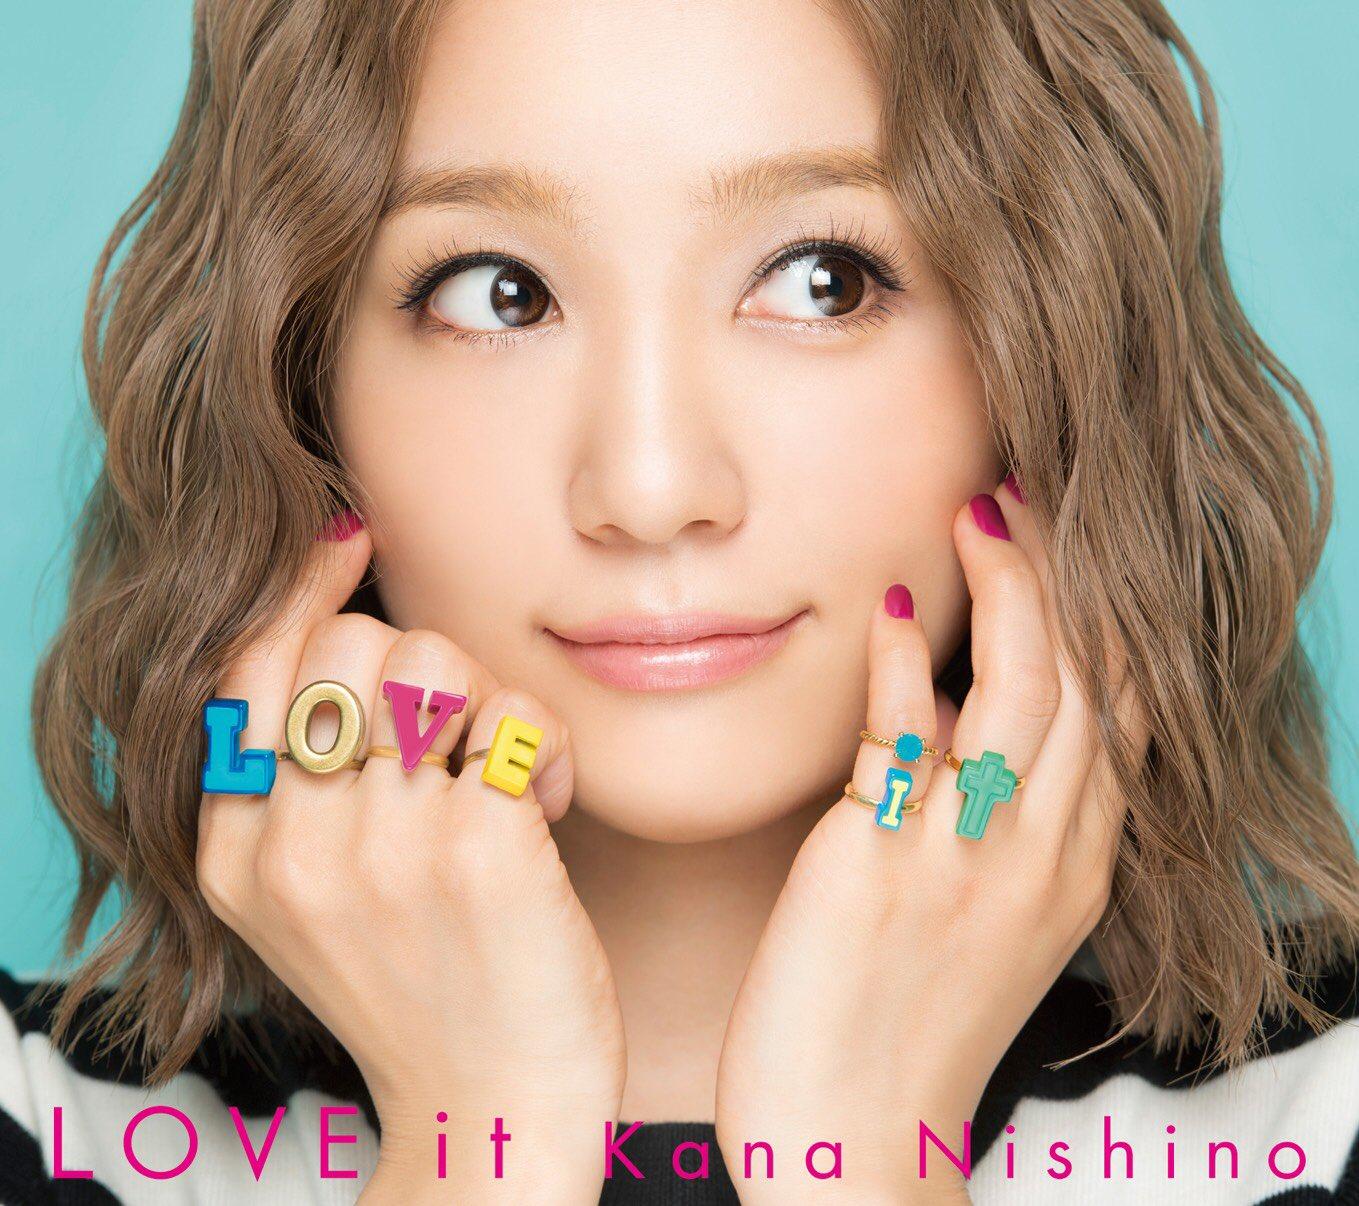 20171115.1757.5 Kana Nishino - LOVE it (FLAC) 5 (JPOP.ru).jpg